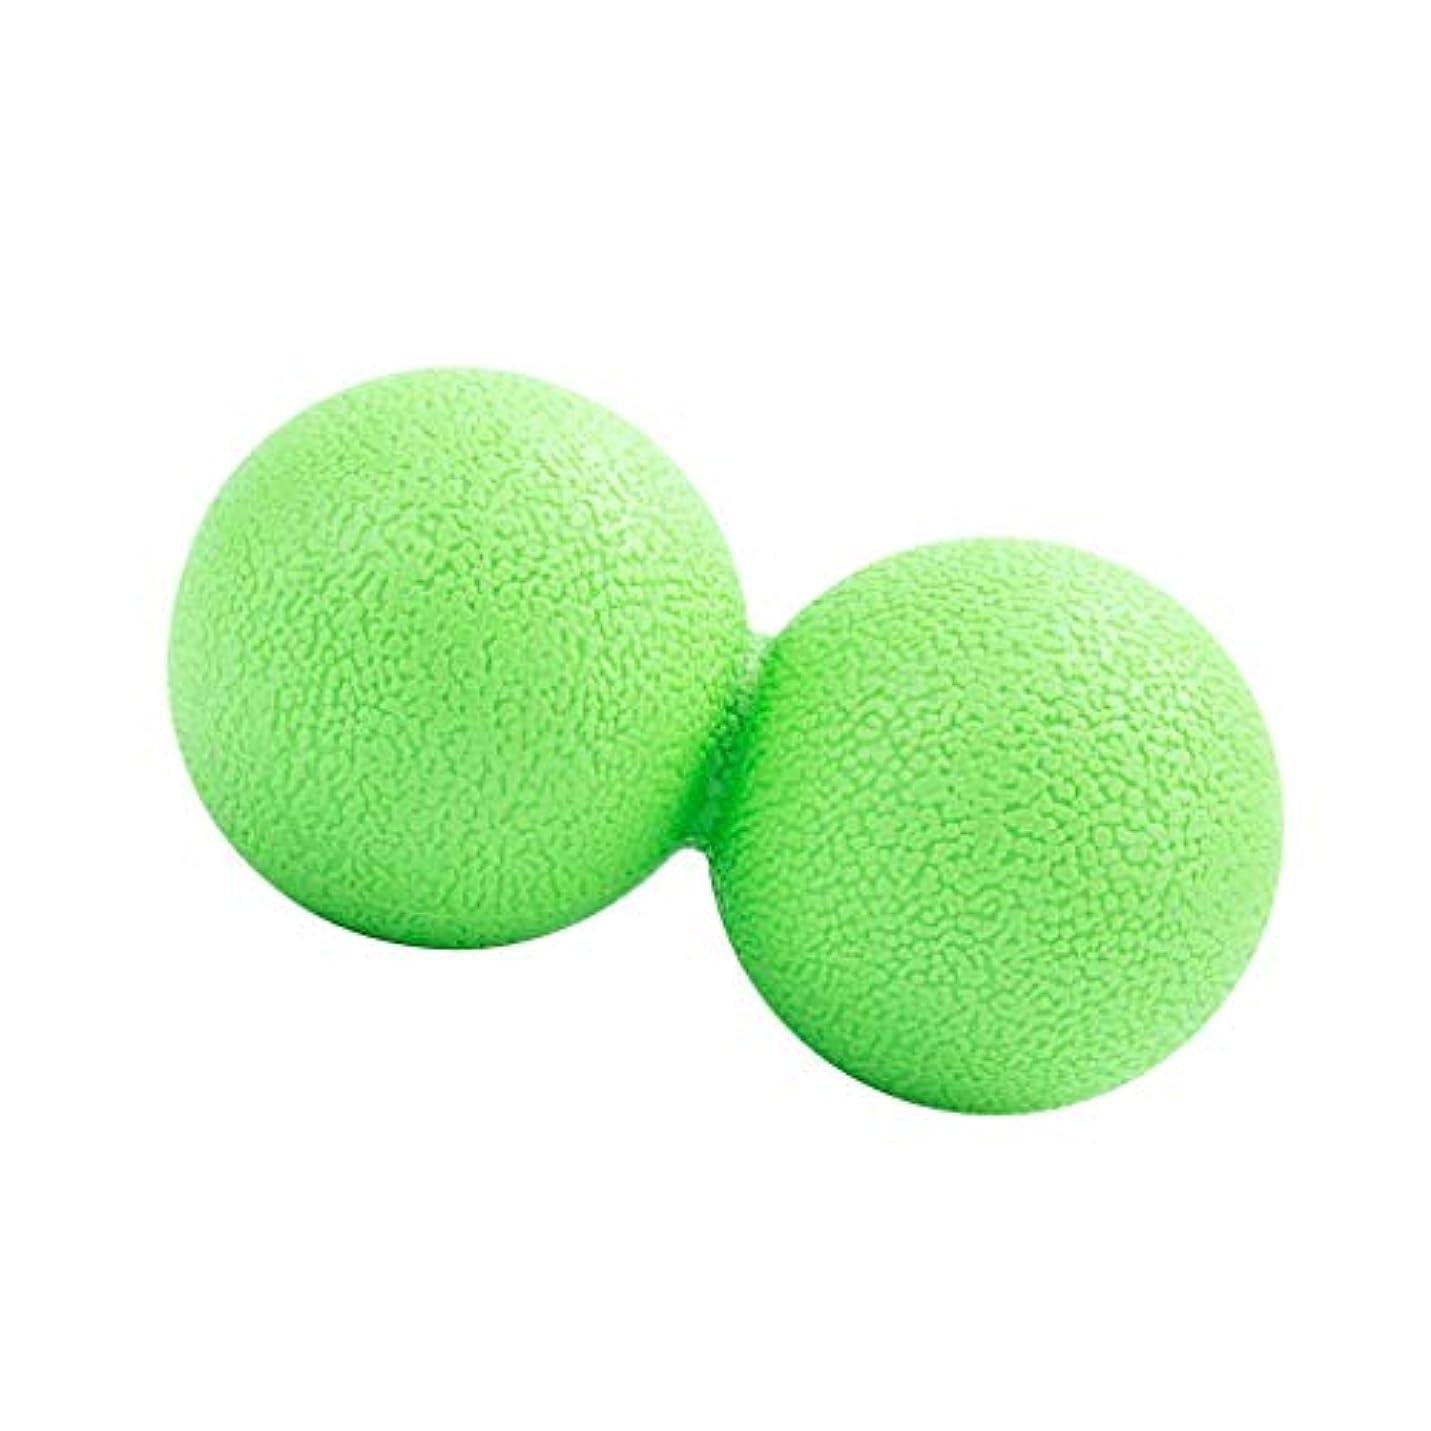 奴隷メーカーいまBaoblaze マッサージボール ピーナッツ型 筋リラクサー モビリティボール 健康器具 全2色 - 緑, 13cm